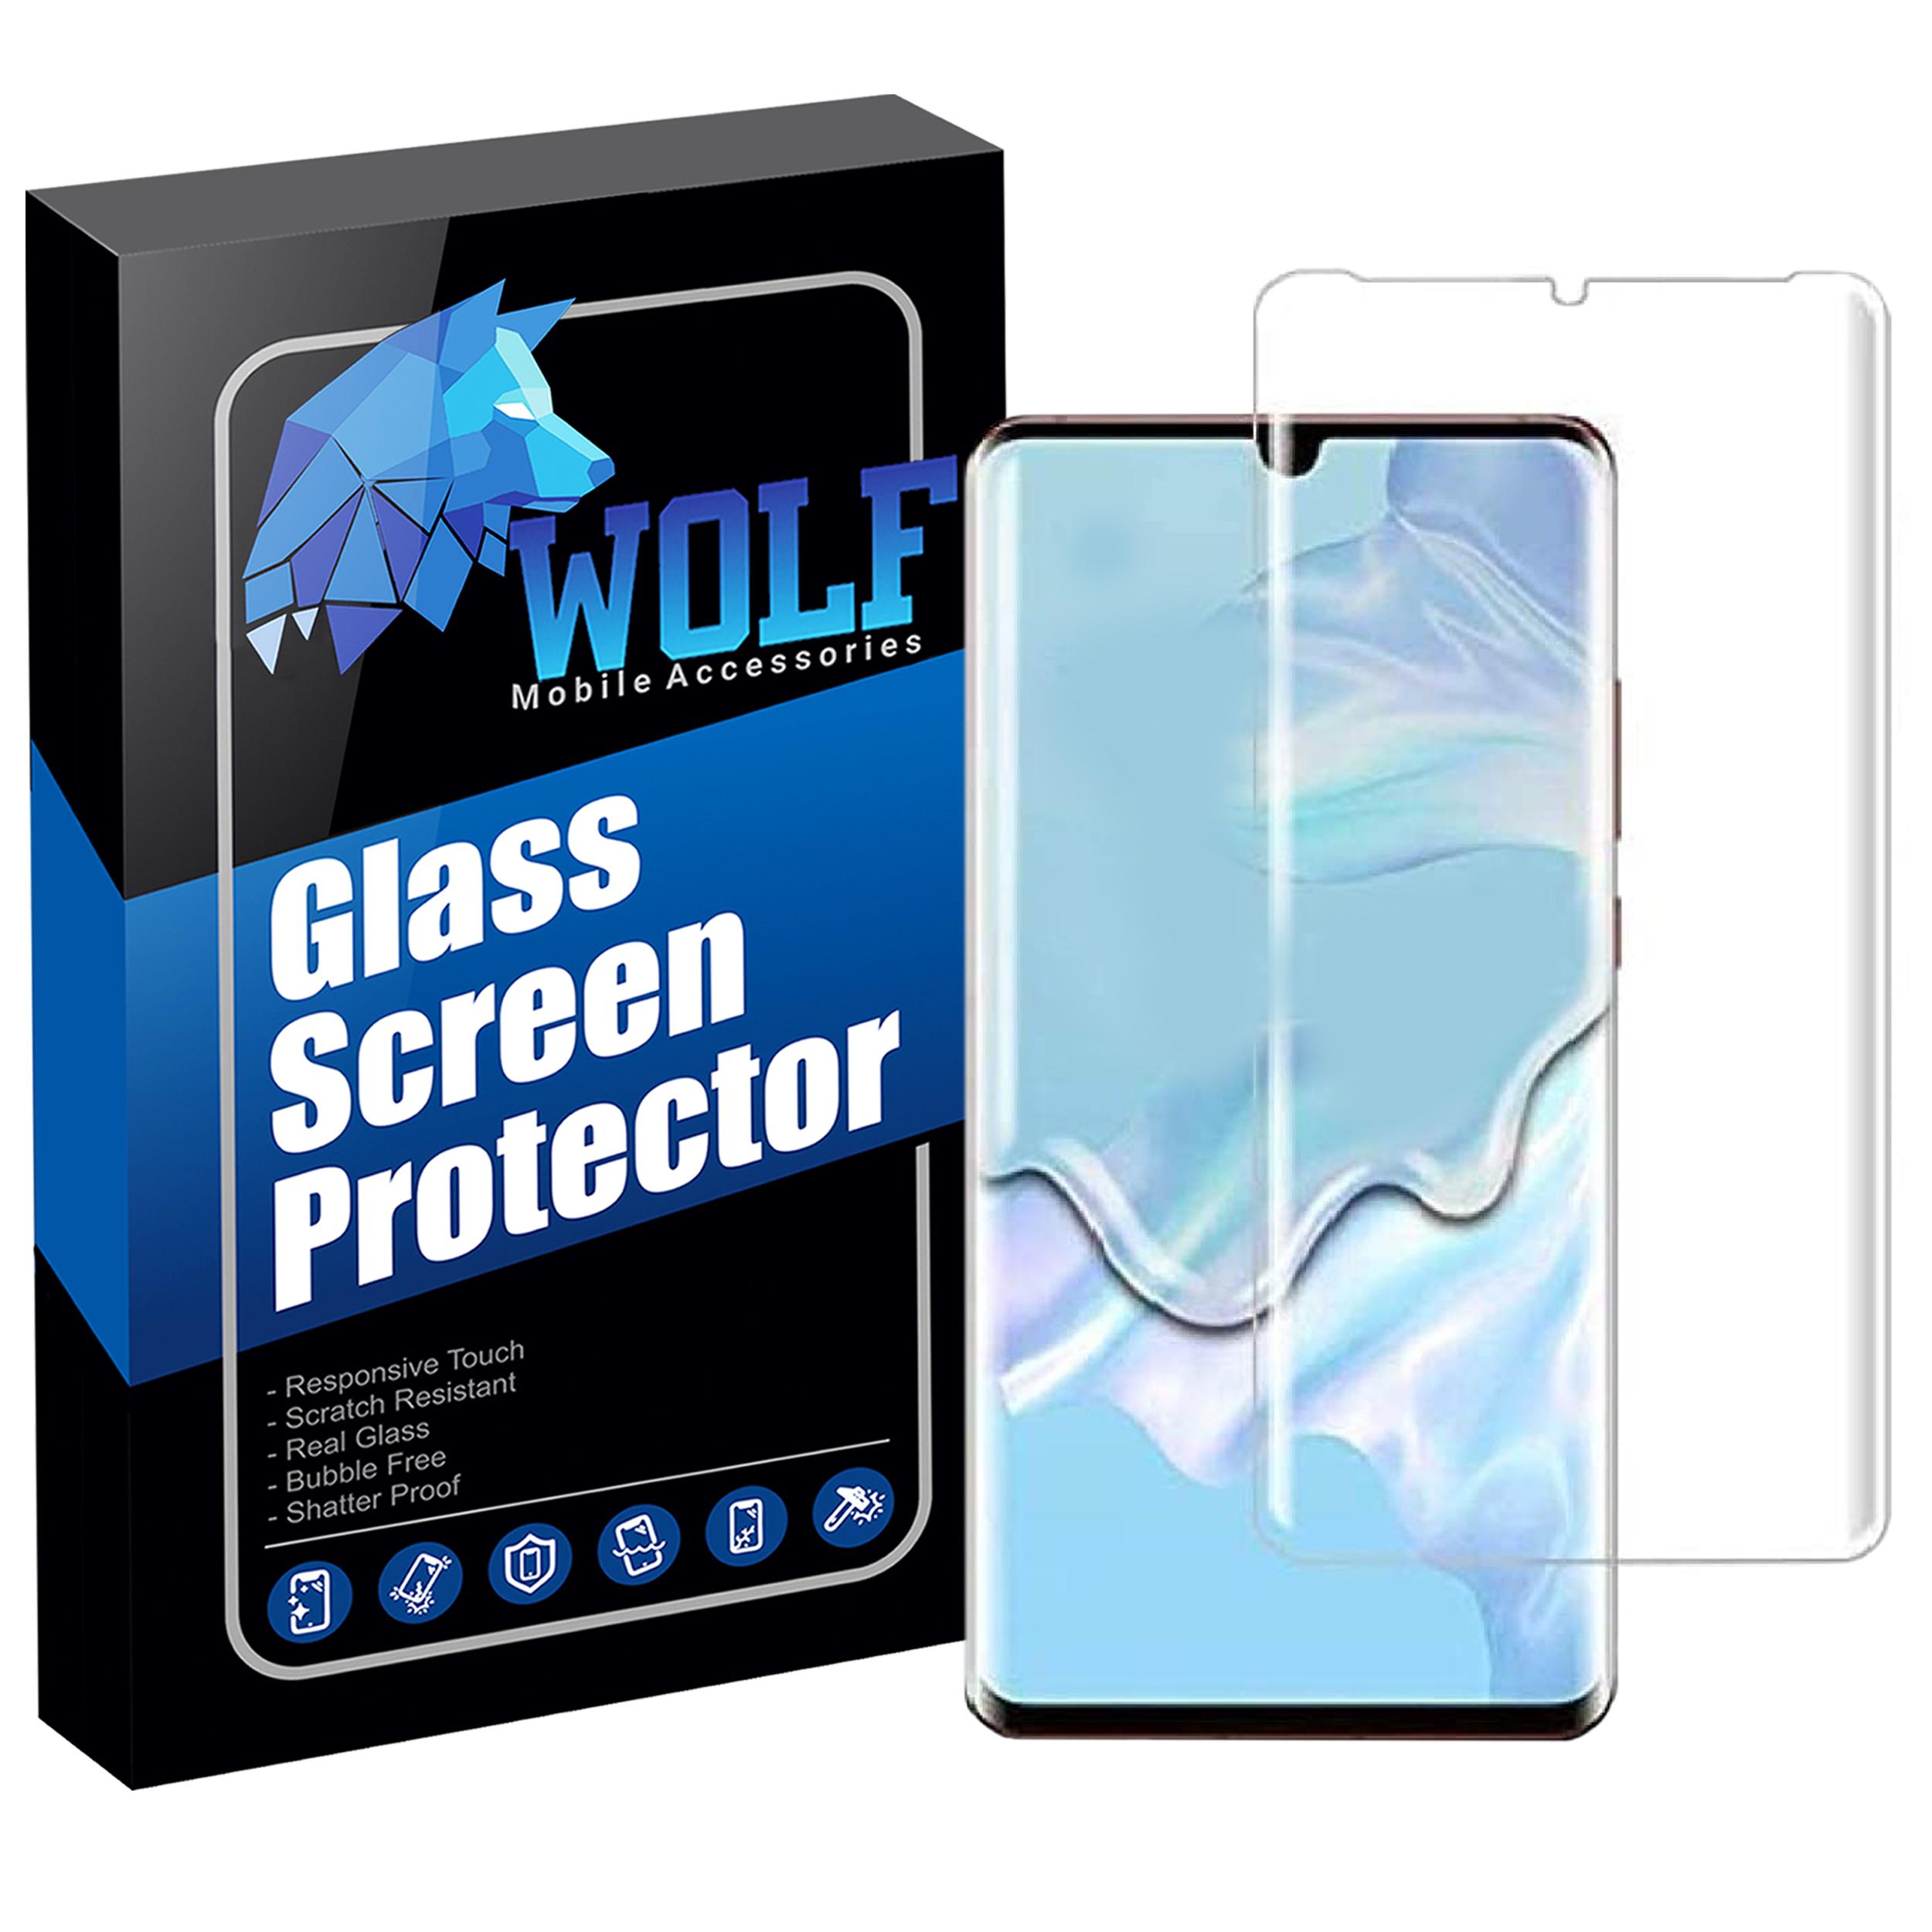 عنوان : محافظ صفحه نمایش یووی لایت ولف مدل EVT مناسب برای گوشی موبایل هوآوی P30 Pro